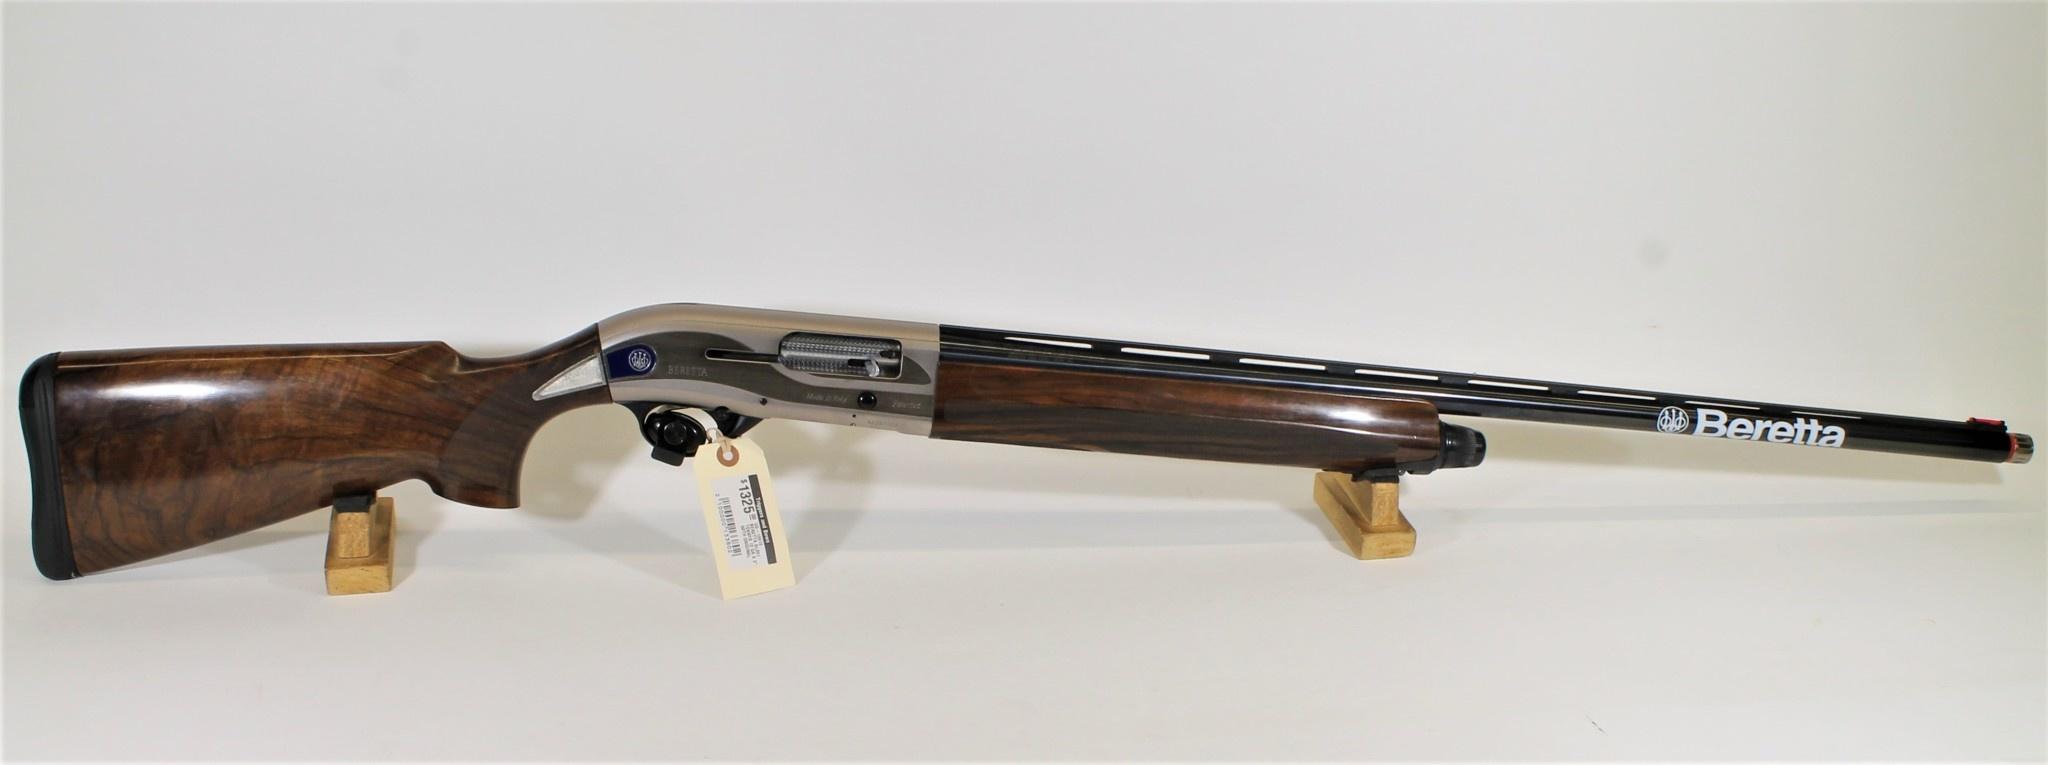 UG-12613 USED Beretta AL391 Teknys 12 Gauge 3